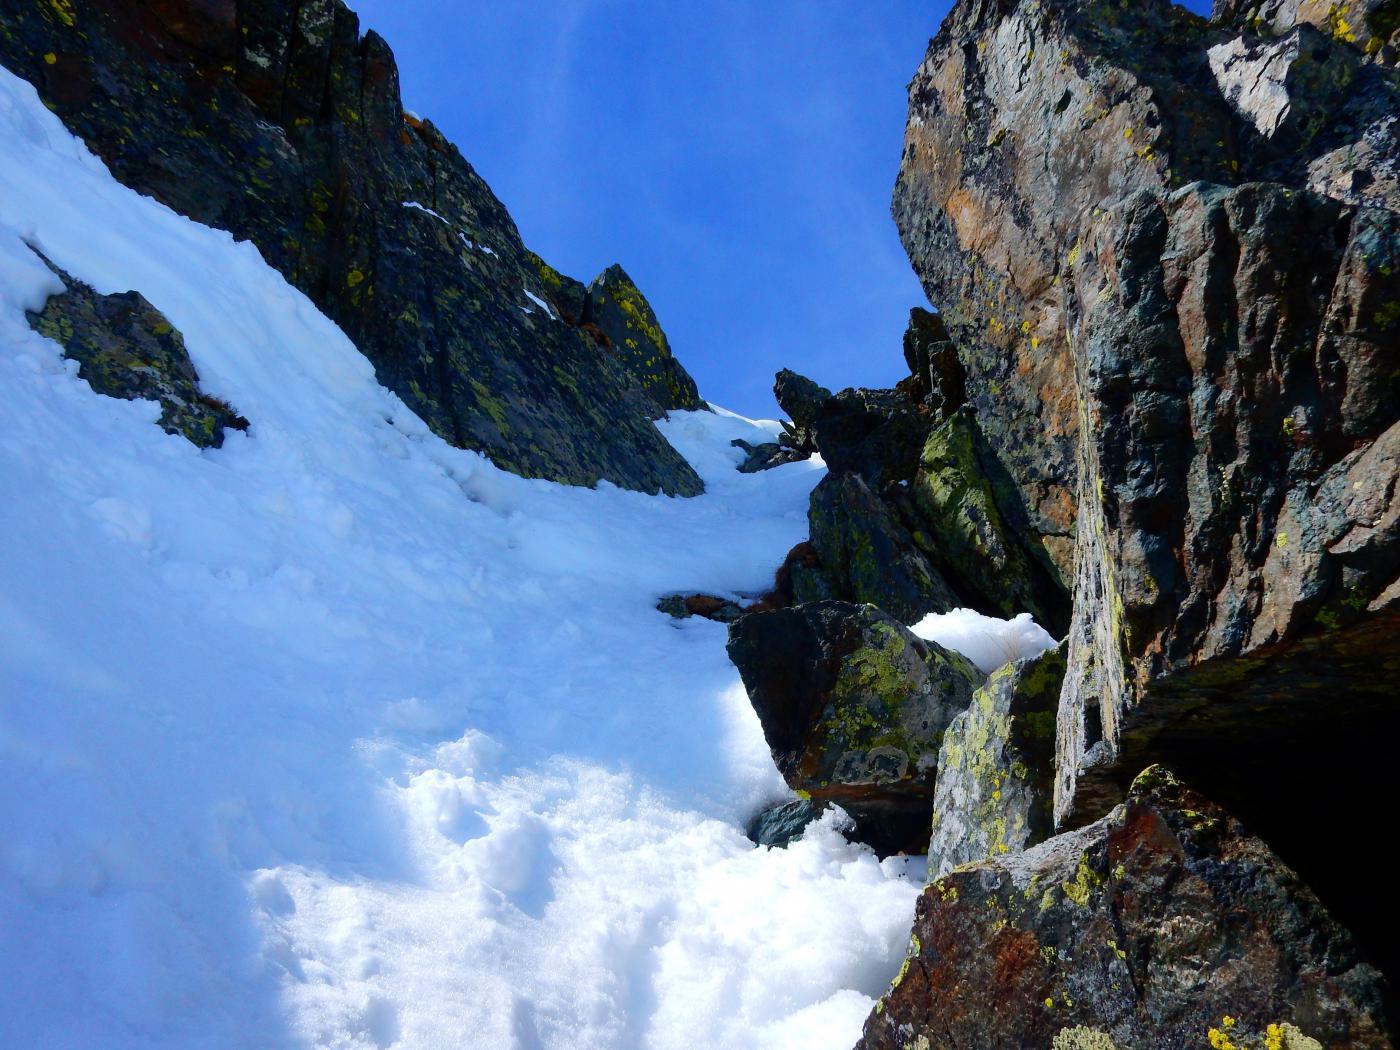 divertente uscita alpinistica in vetta